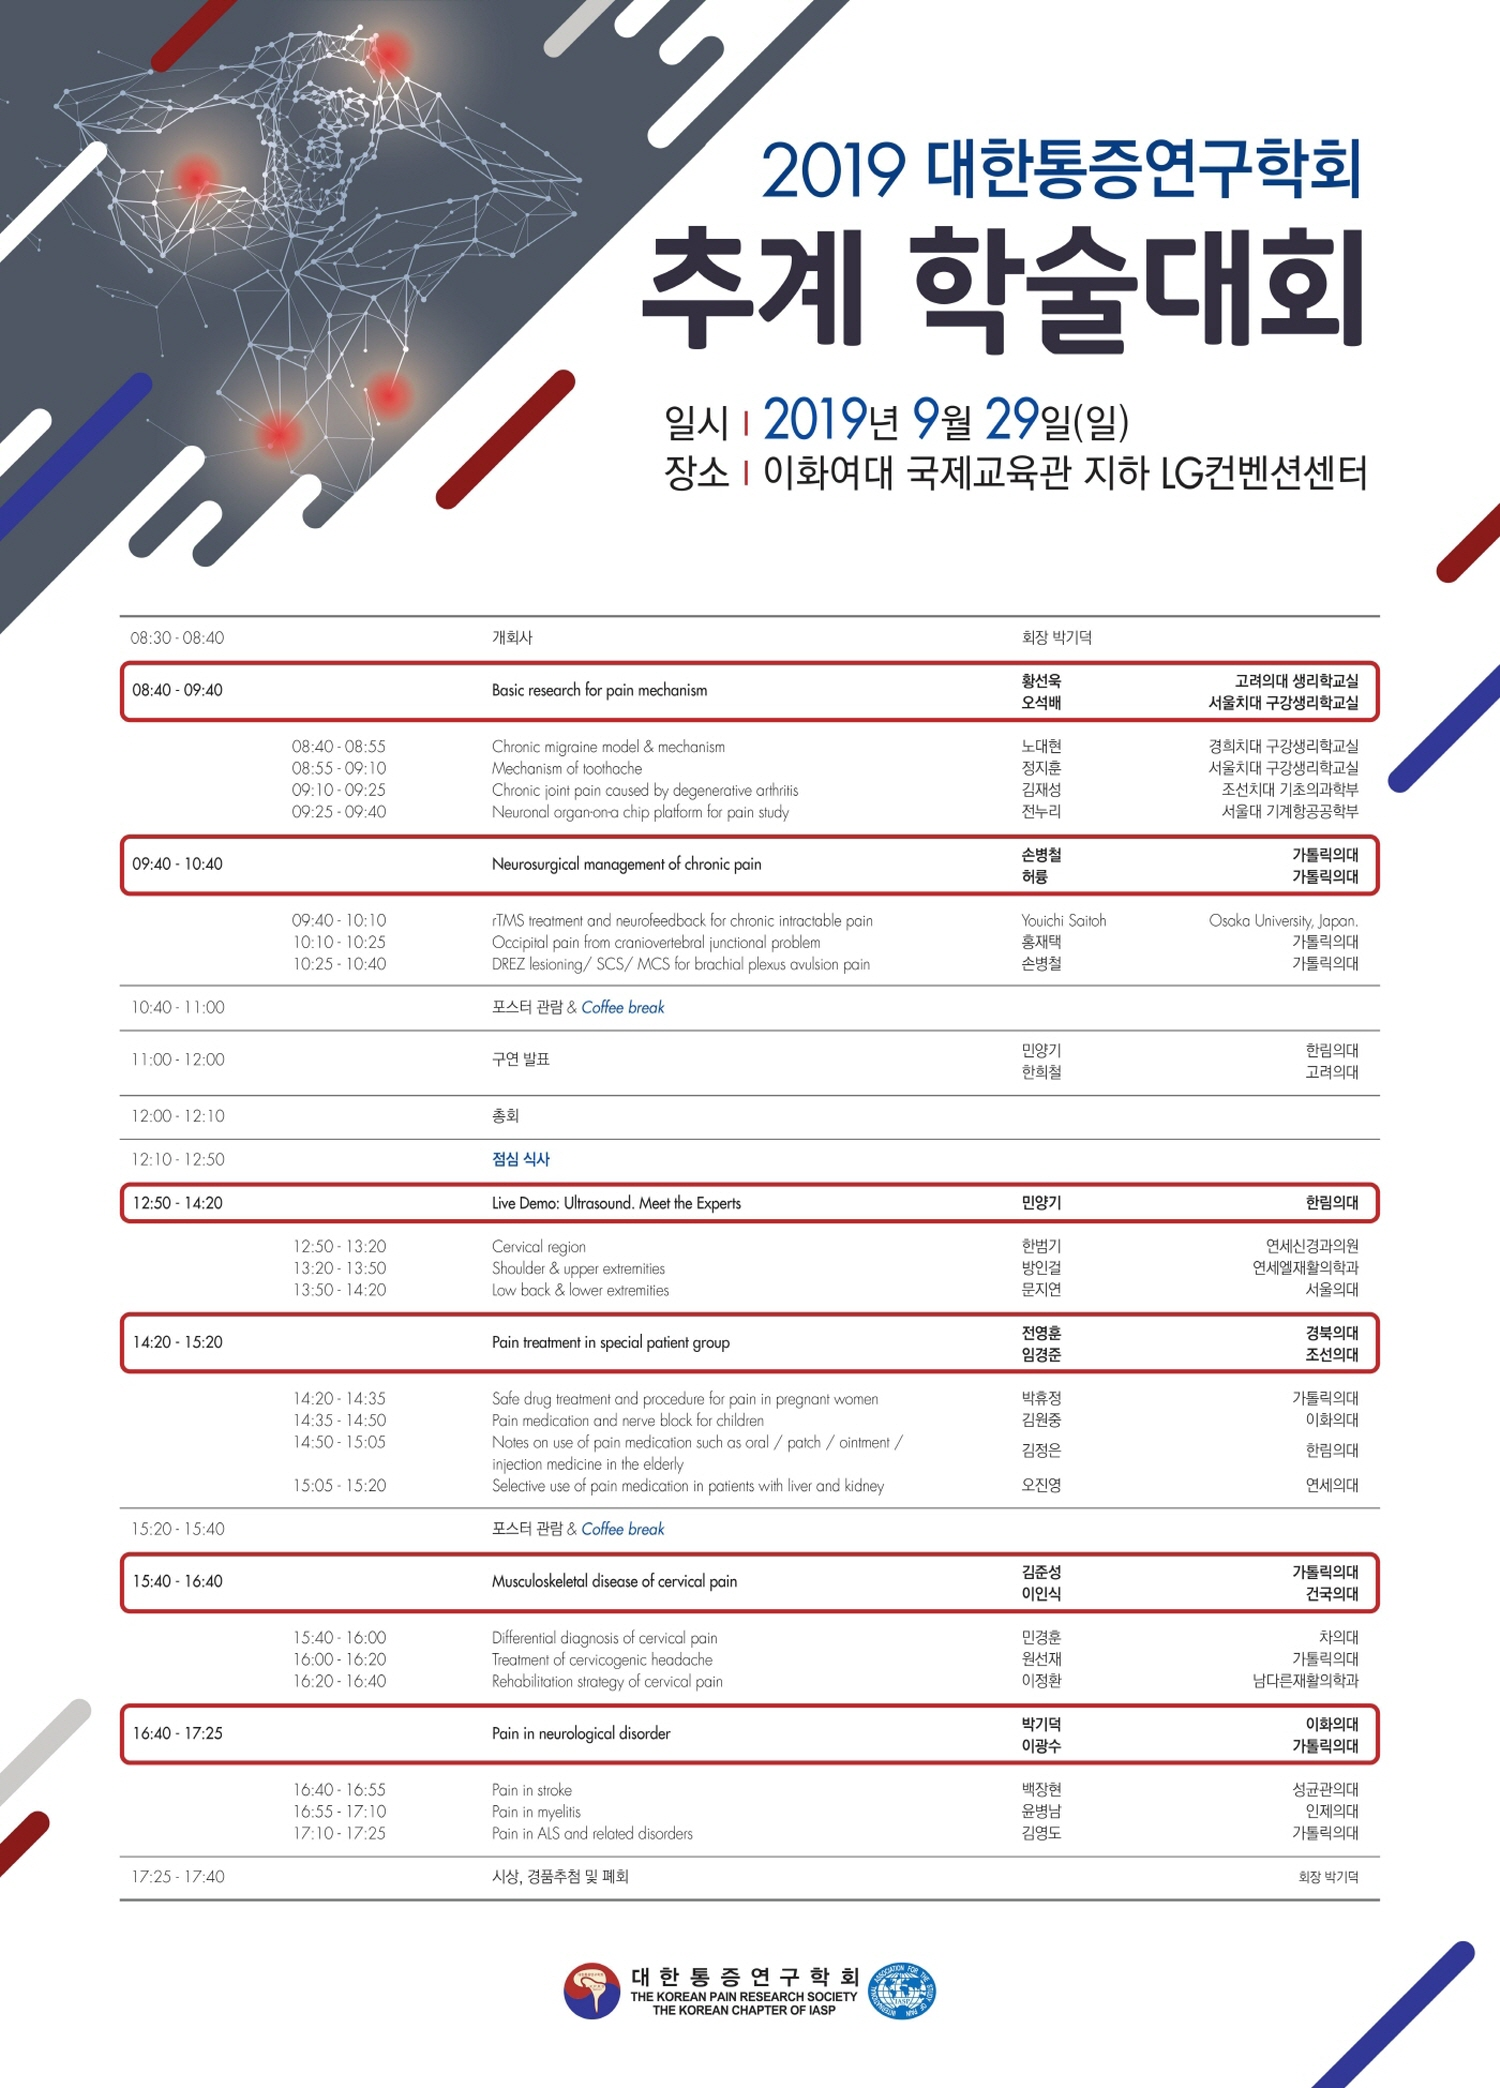 2019 대한통증연구학회 추계 학술대회 포스터.jpg